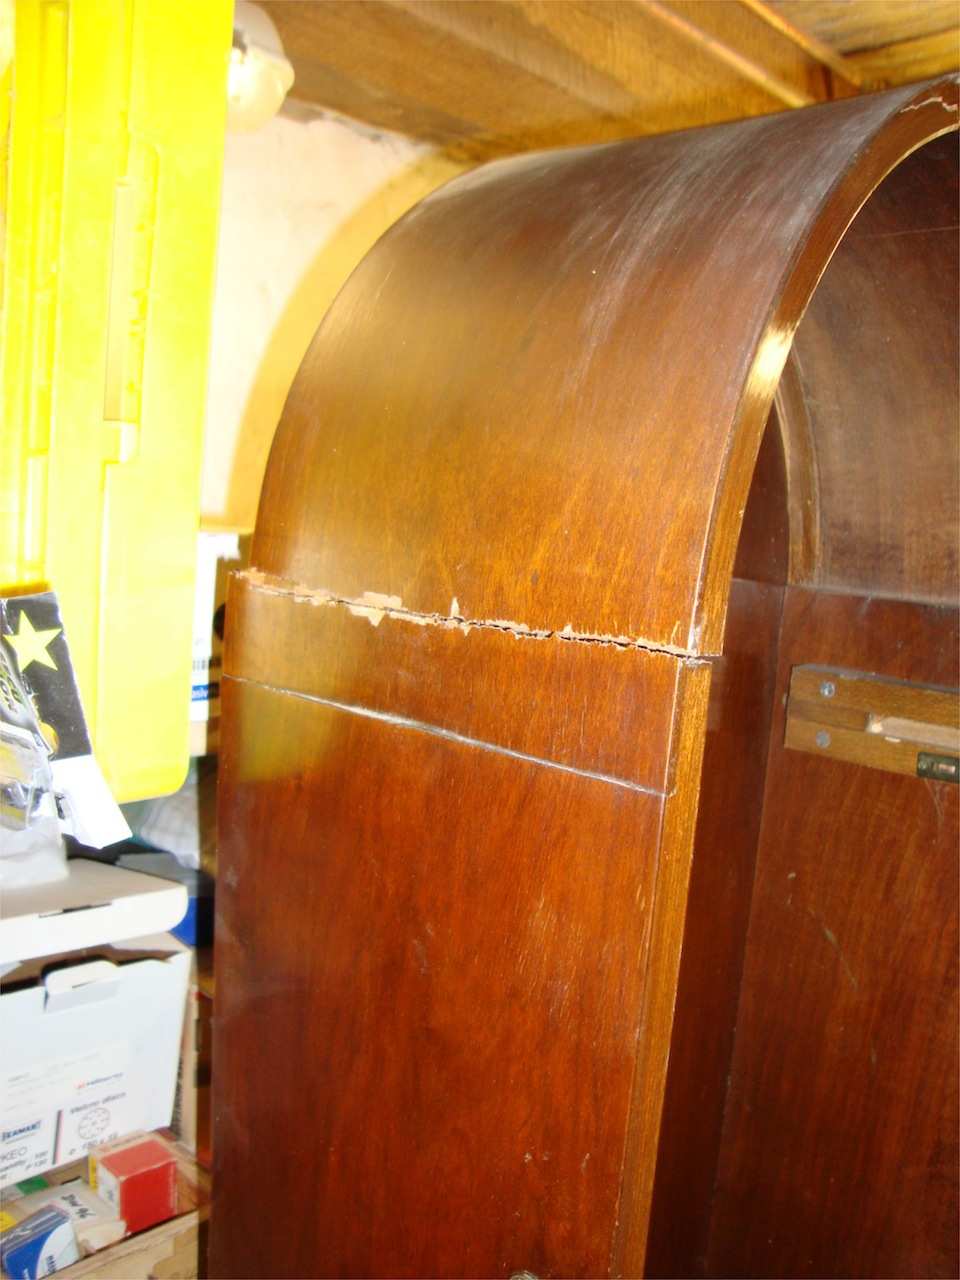 m bel reparatur in hamburg standuhr mit schwerem unfallschaden repariert tischlerei hamburg. Black Bedroom Furniture Sets. Home Design Ideas